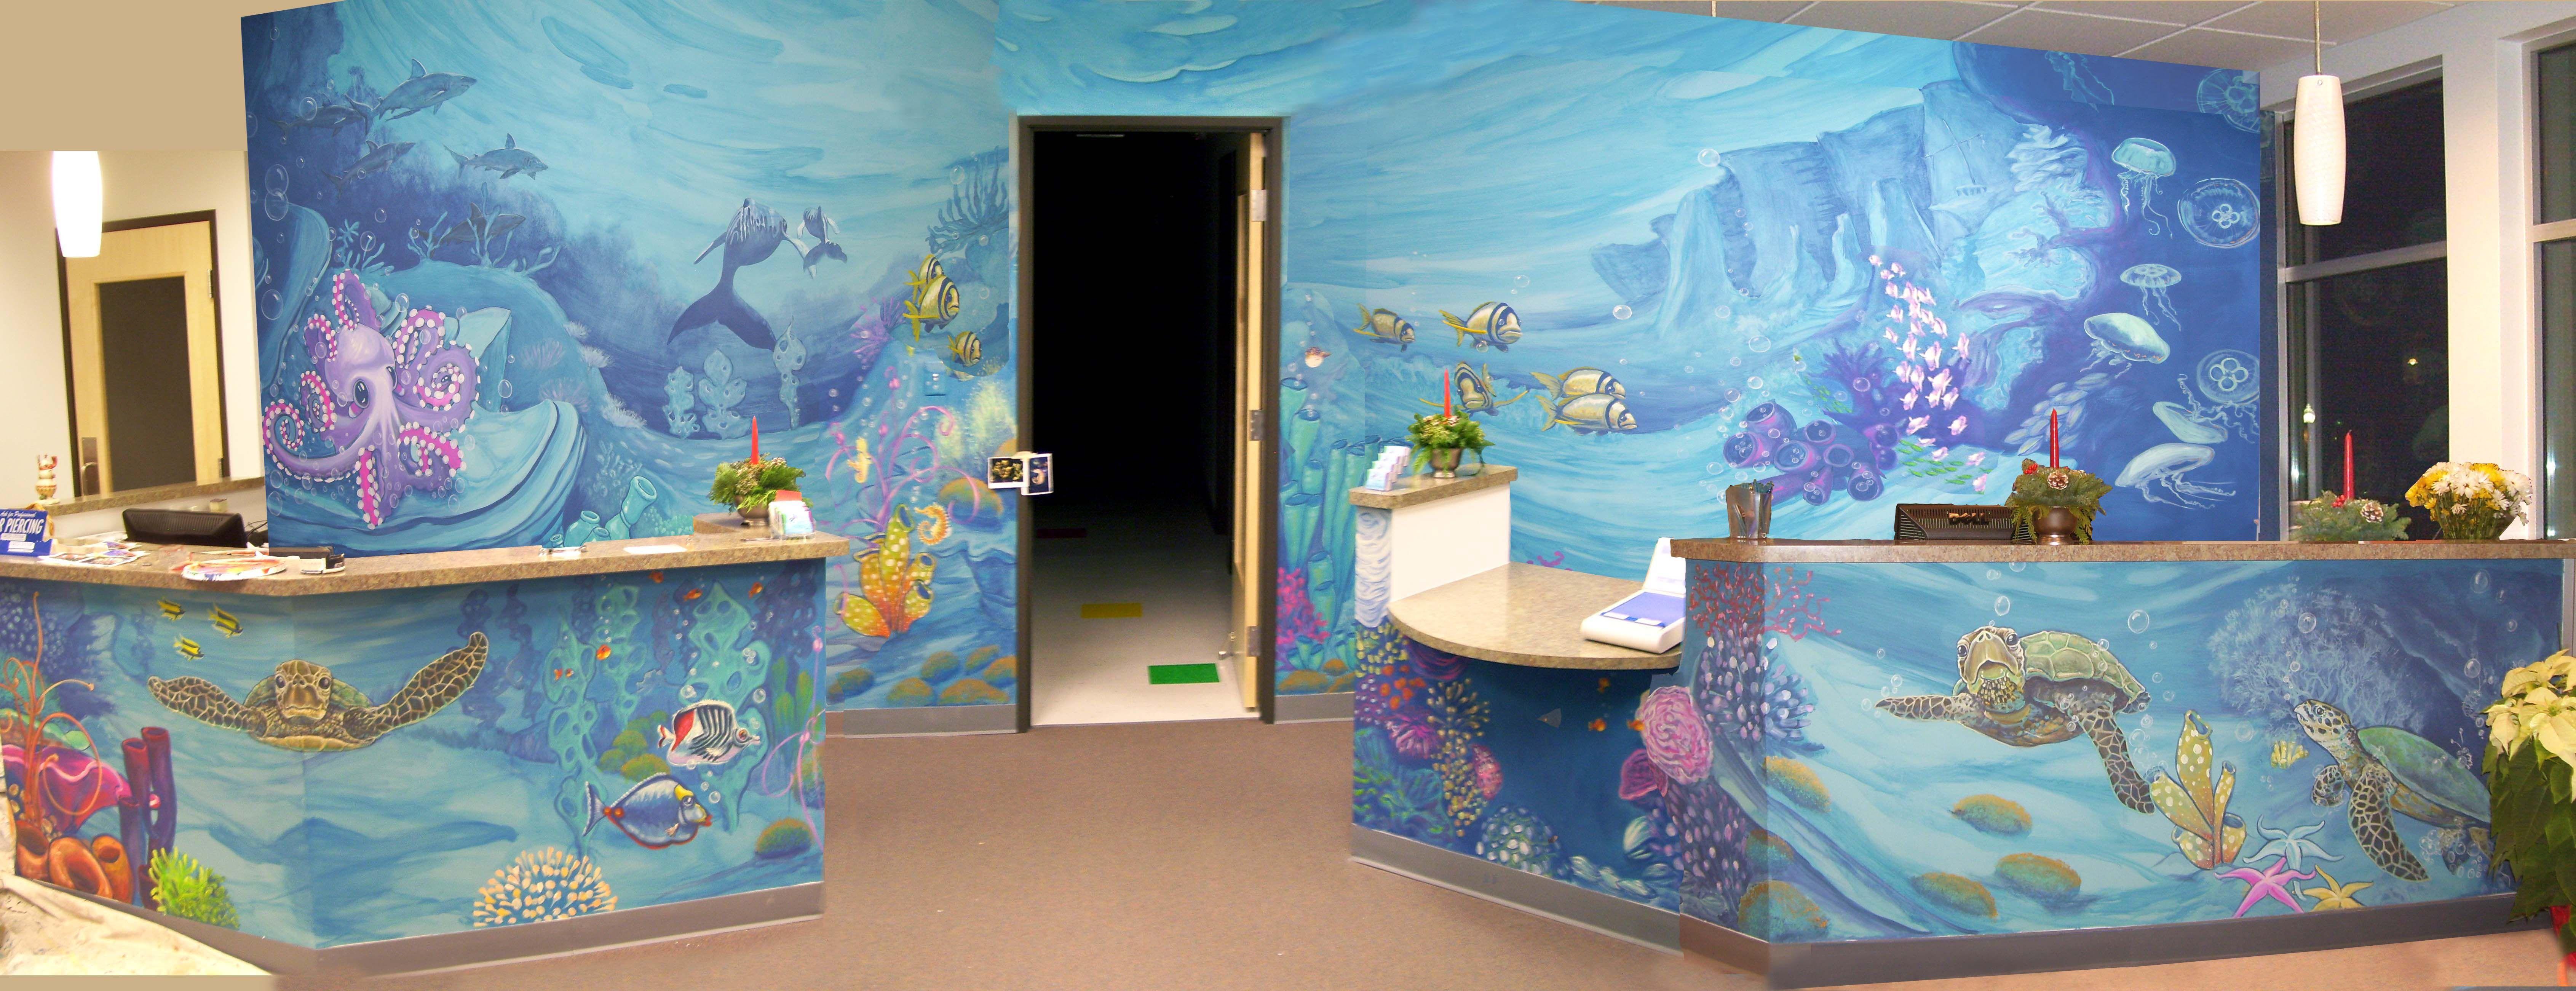 Lowry Pediatrics Lobby Mural Lobbies - Ocean floor painting